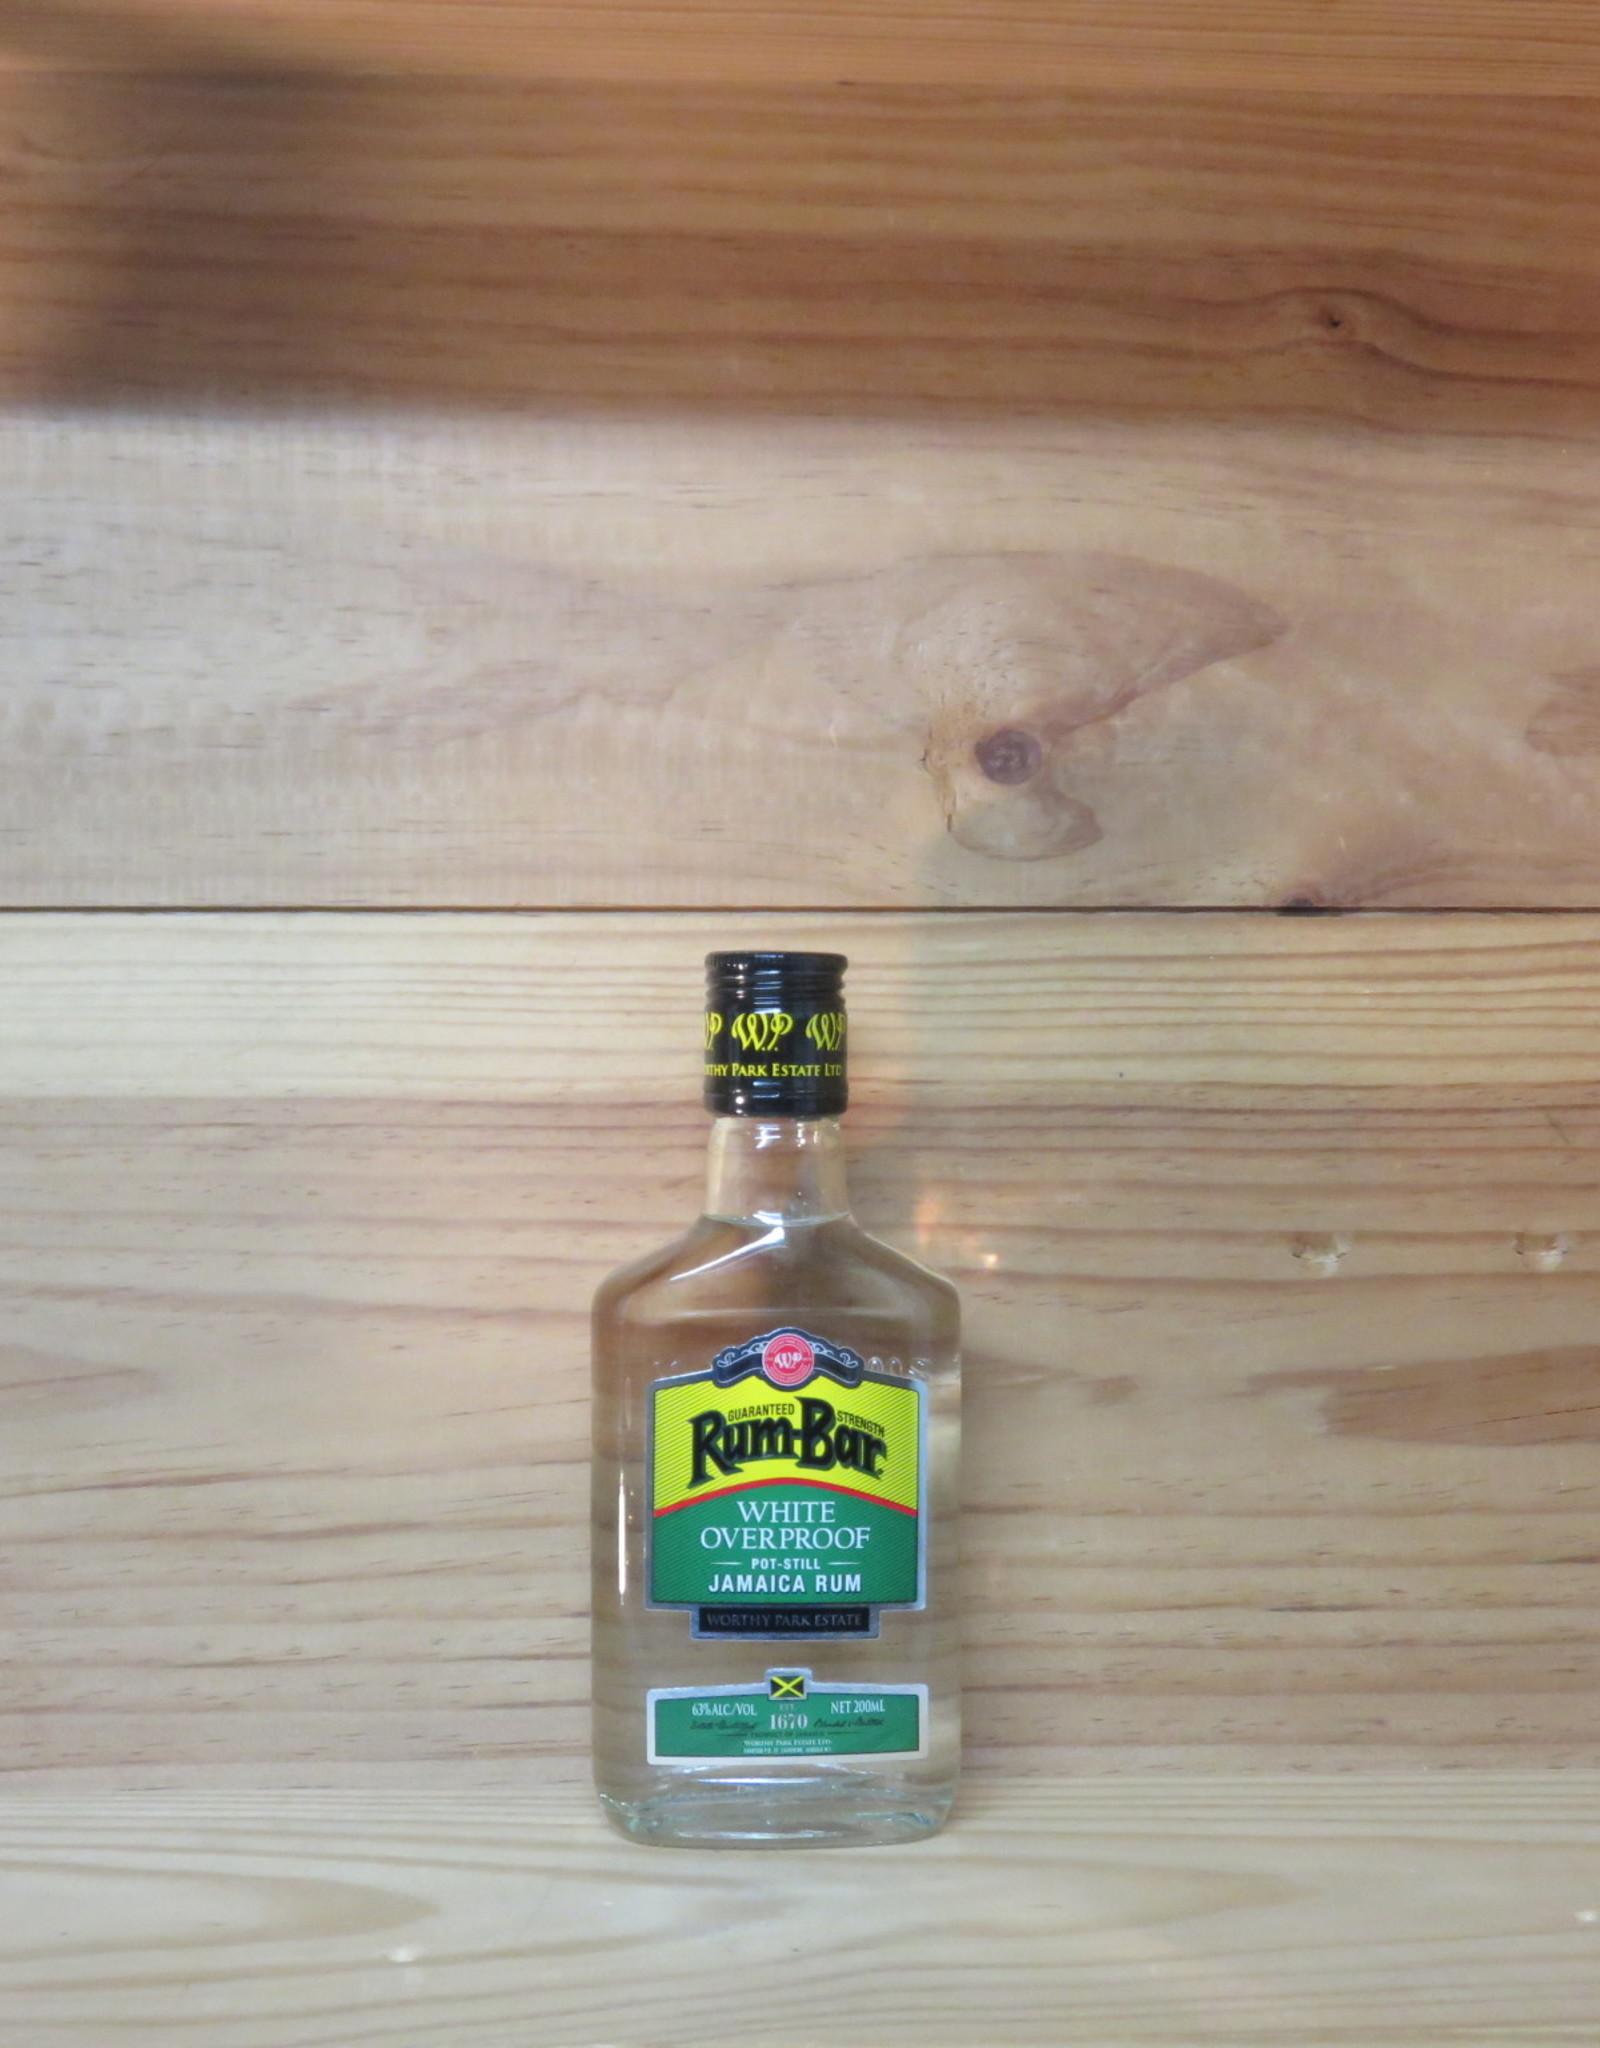 Worthy Park - Overproof White Rum 200ml